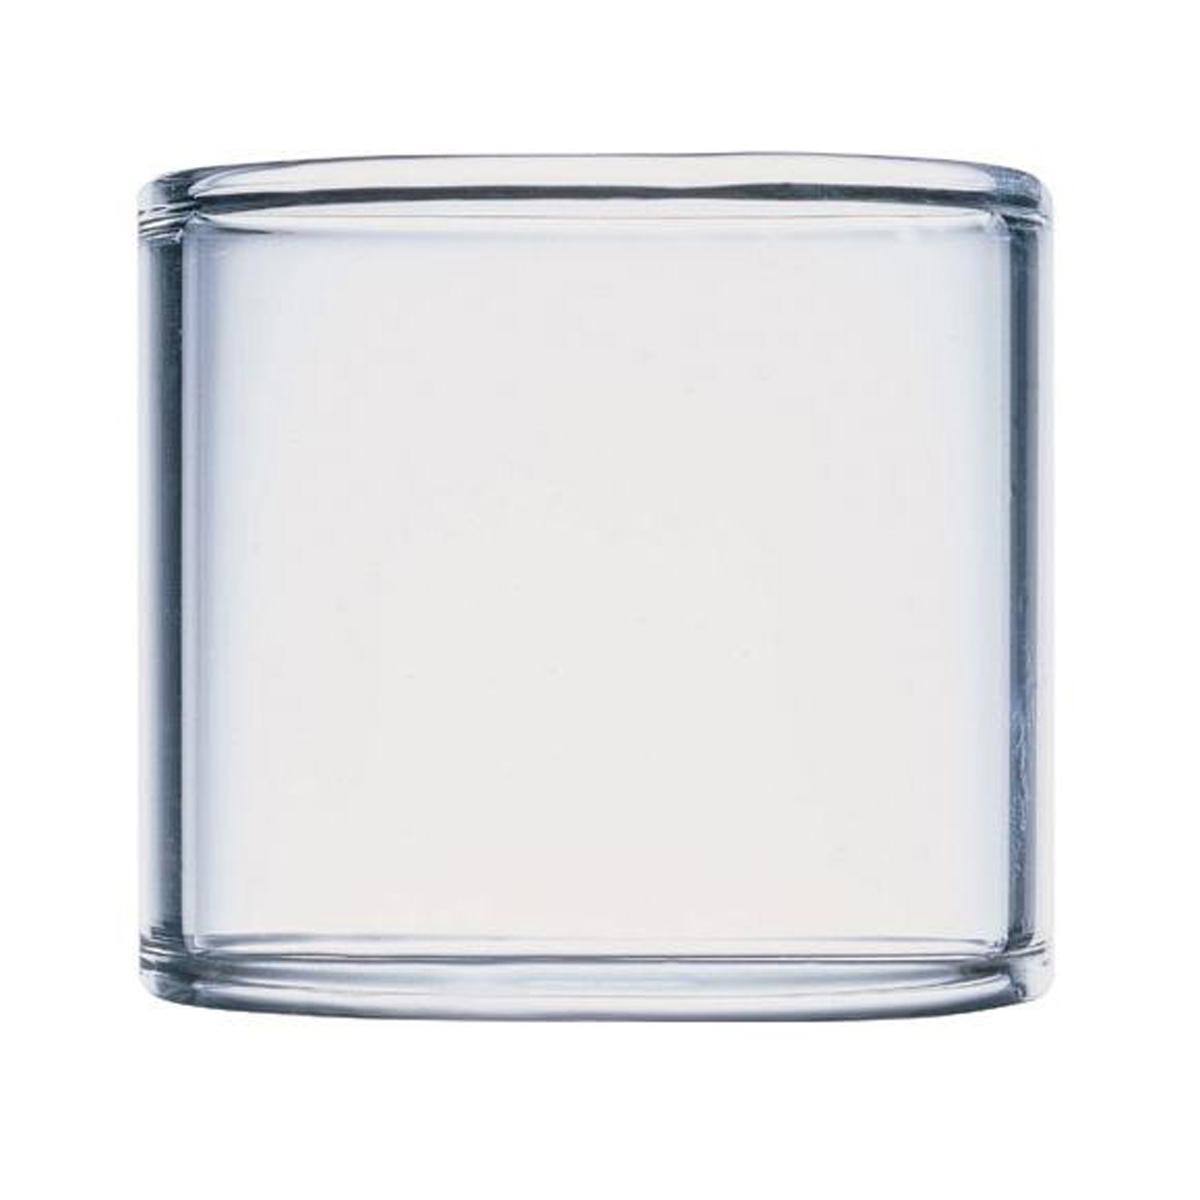 Плафон для газовой лампы Track, цвет: прозрачный5670492Плафон для газовой лампы (стекло) Track